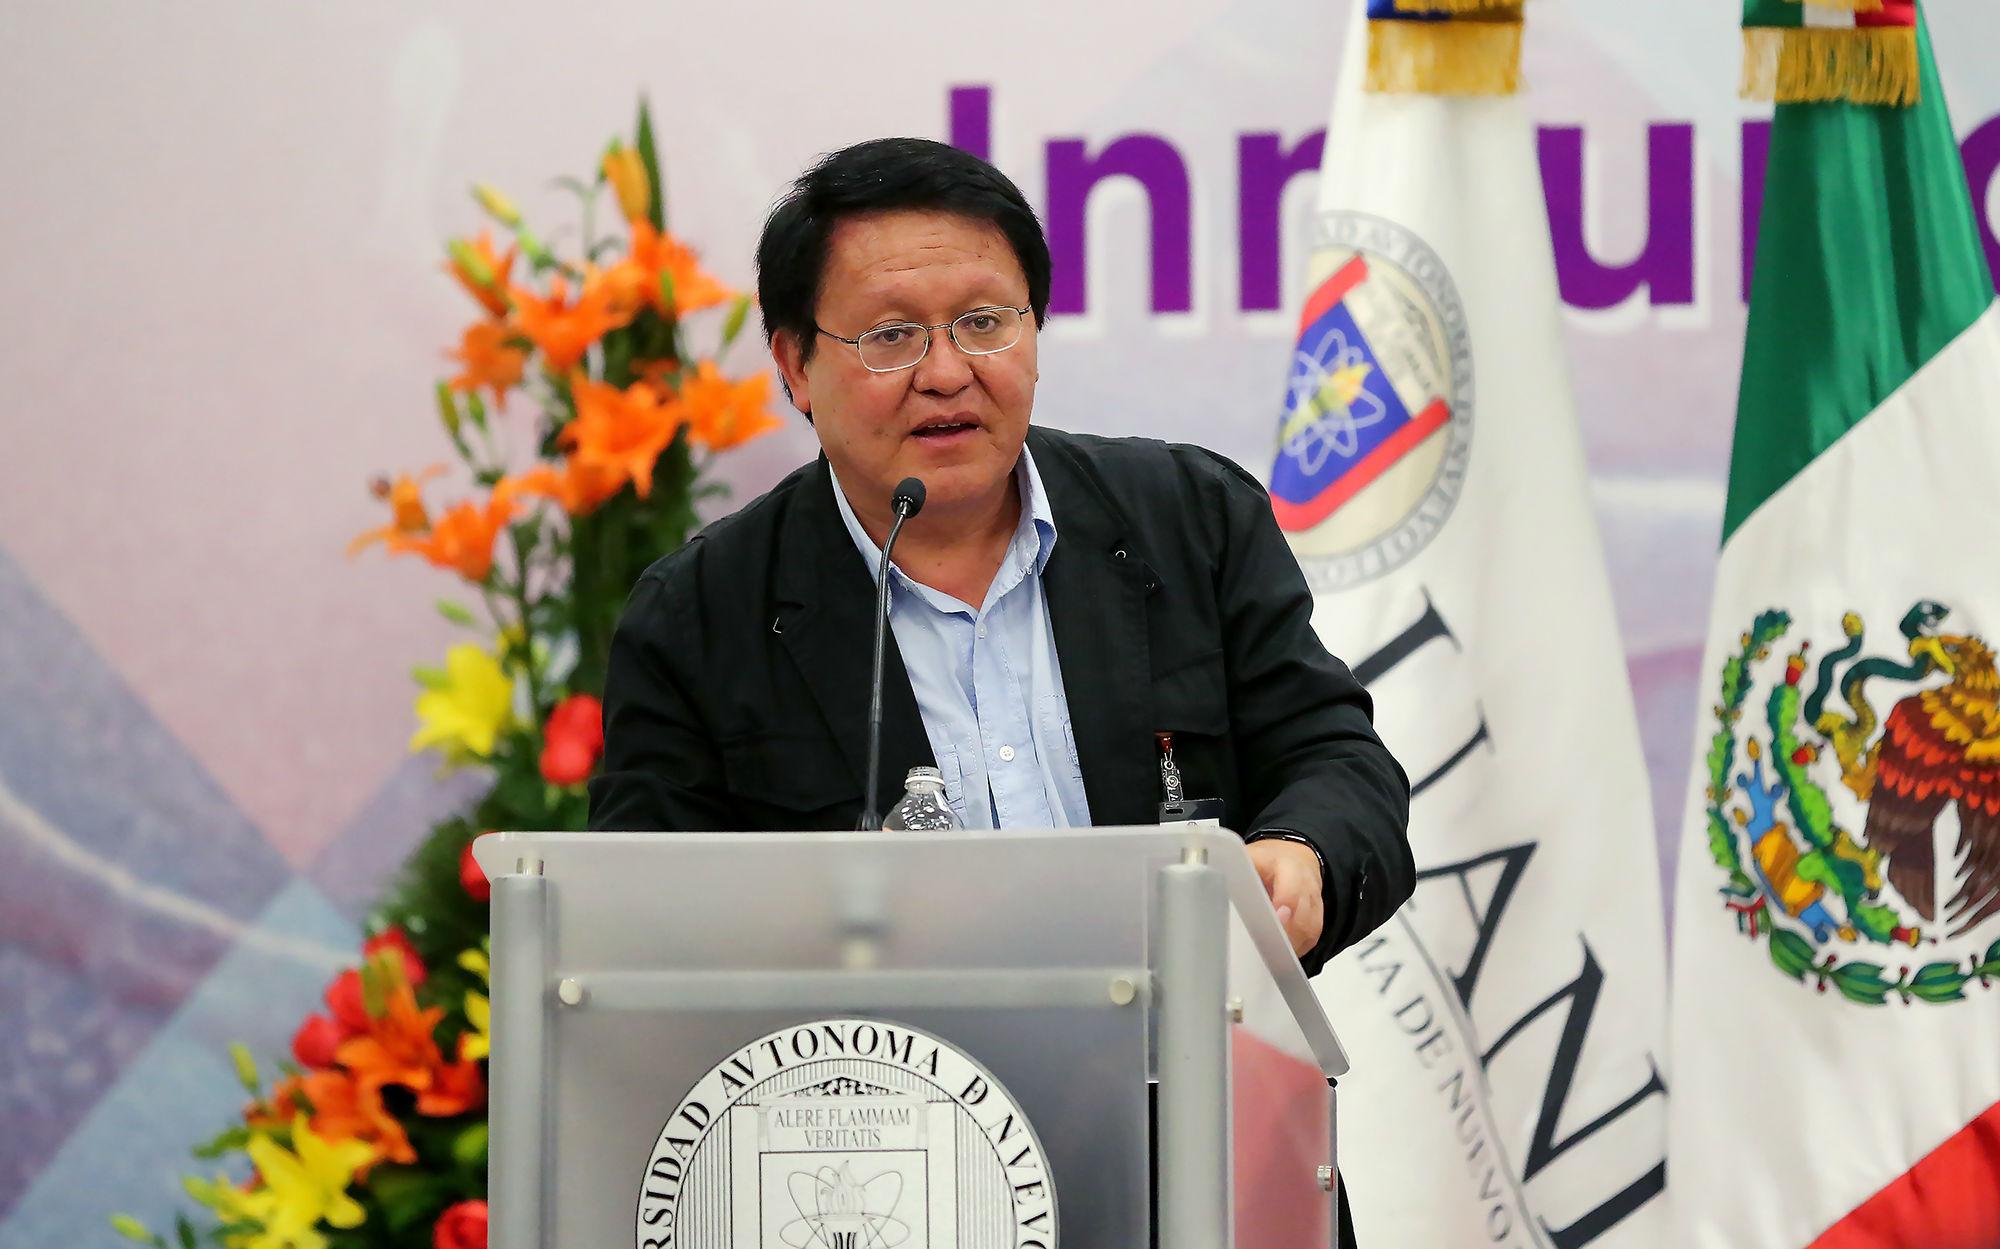 DR. Rogelio Hernández Pando, Departamento de Patología Experimental del Instituto Nacional de Ciencias Médicas y Nutrición